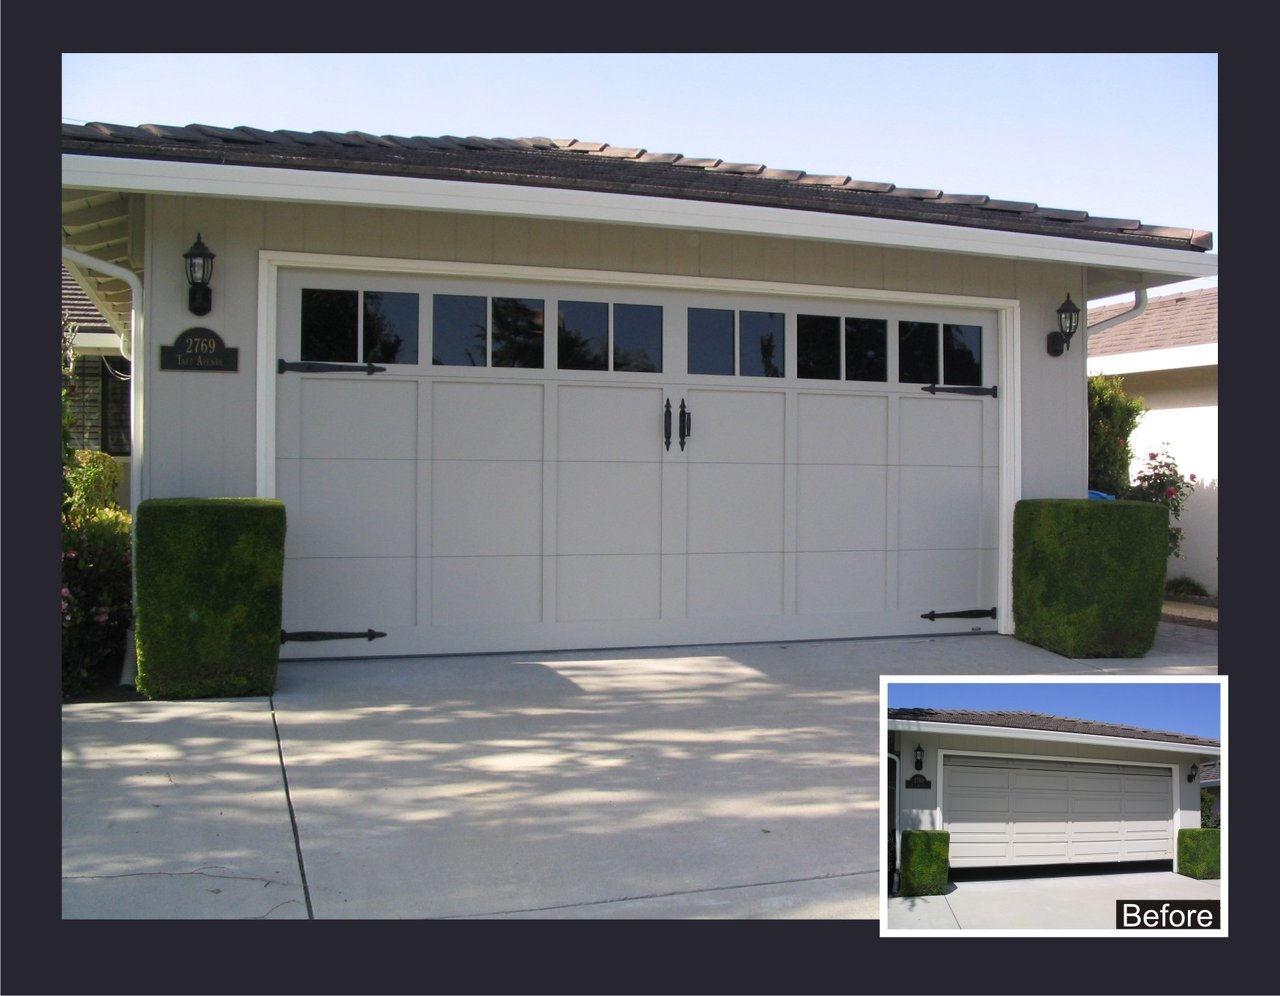 996 #31539A Accent Garage Doors Repair Utah. Wix.com pic Garage Doors In Utah 36111280